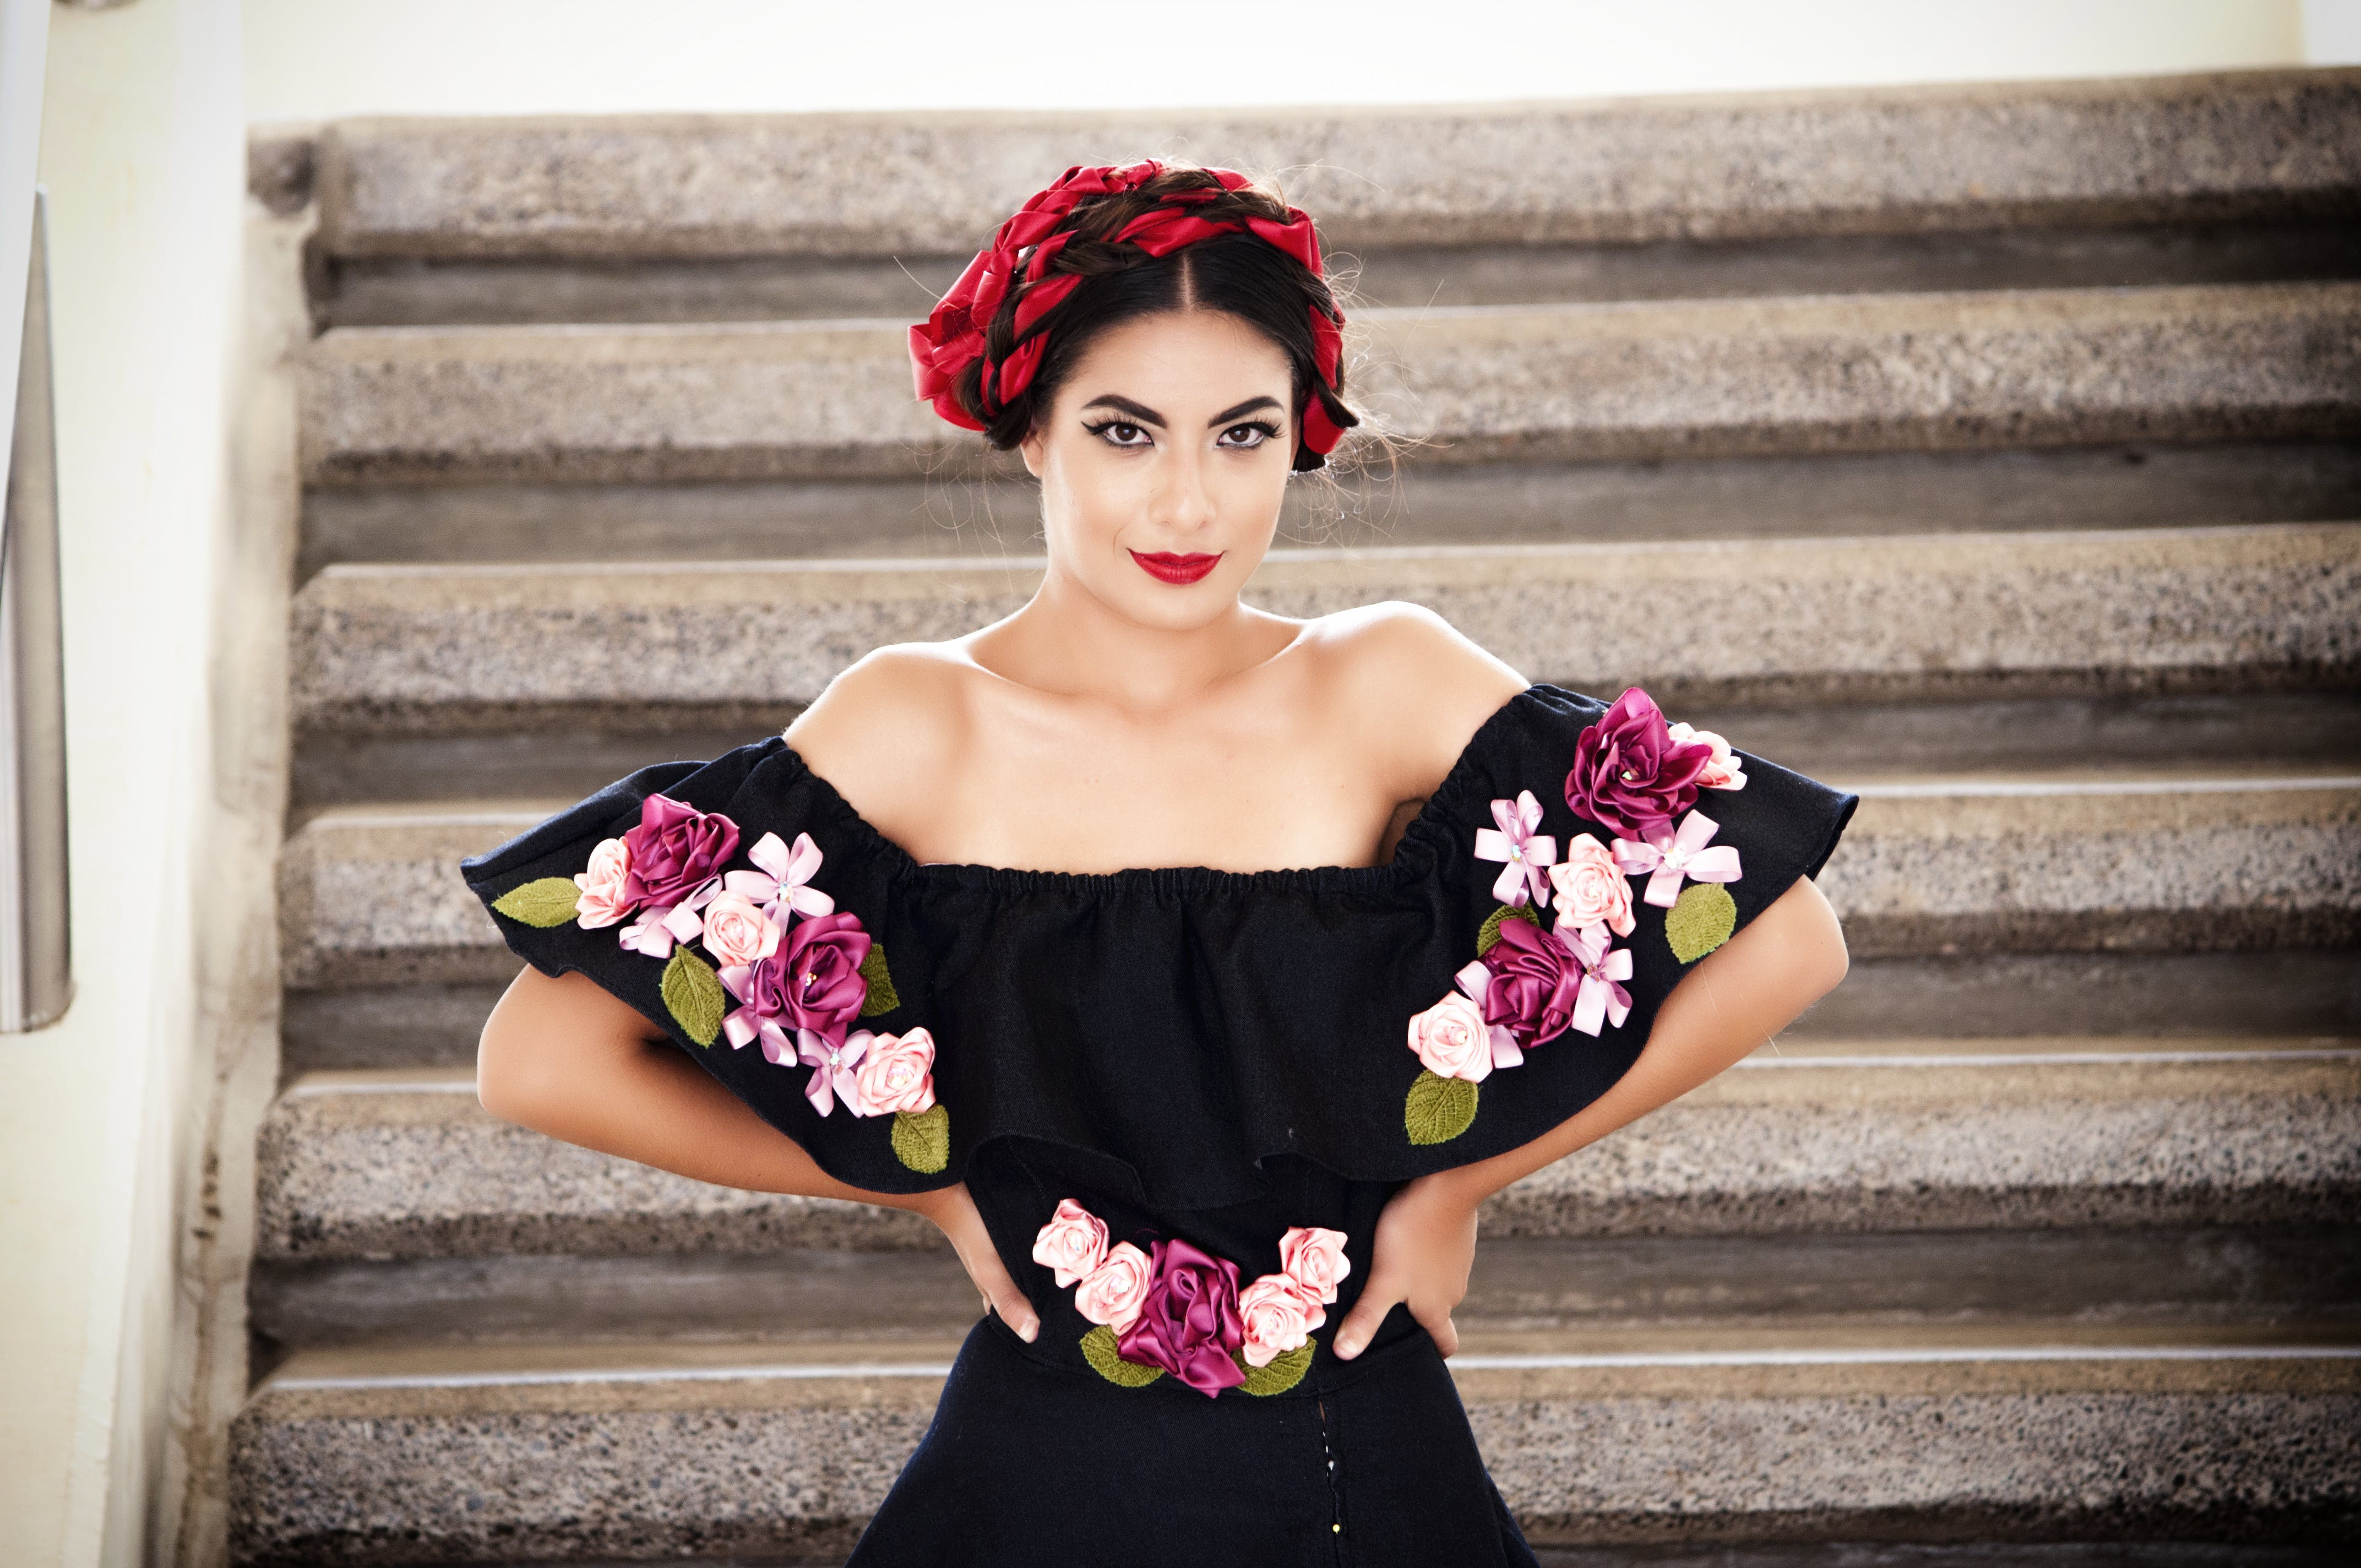 Gratis lagerfoto af blomster, dame, glamour, kjole